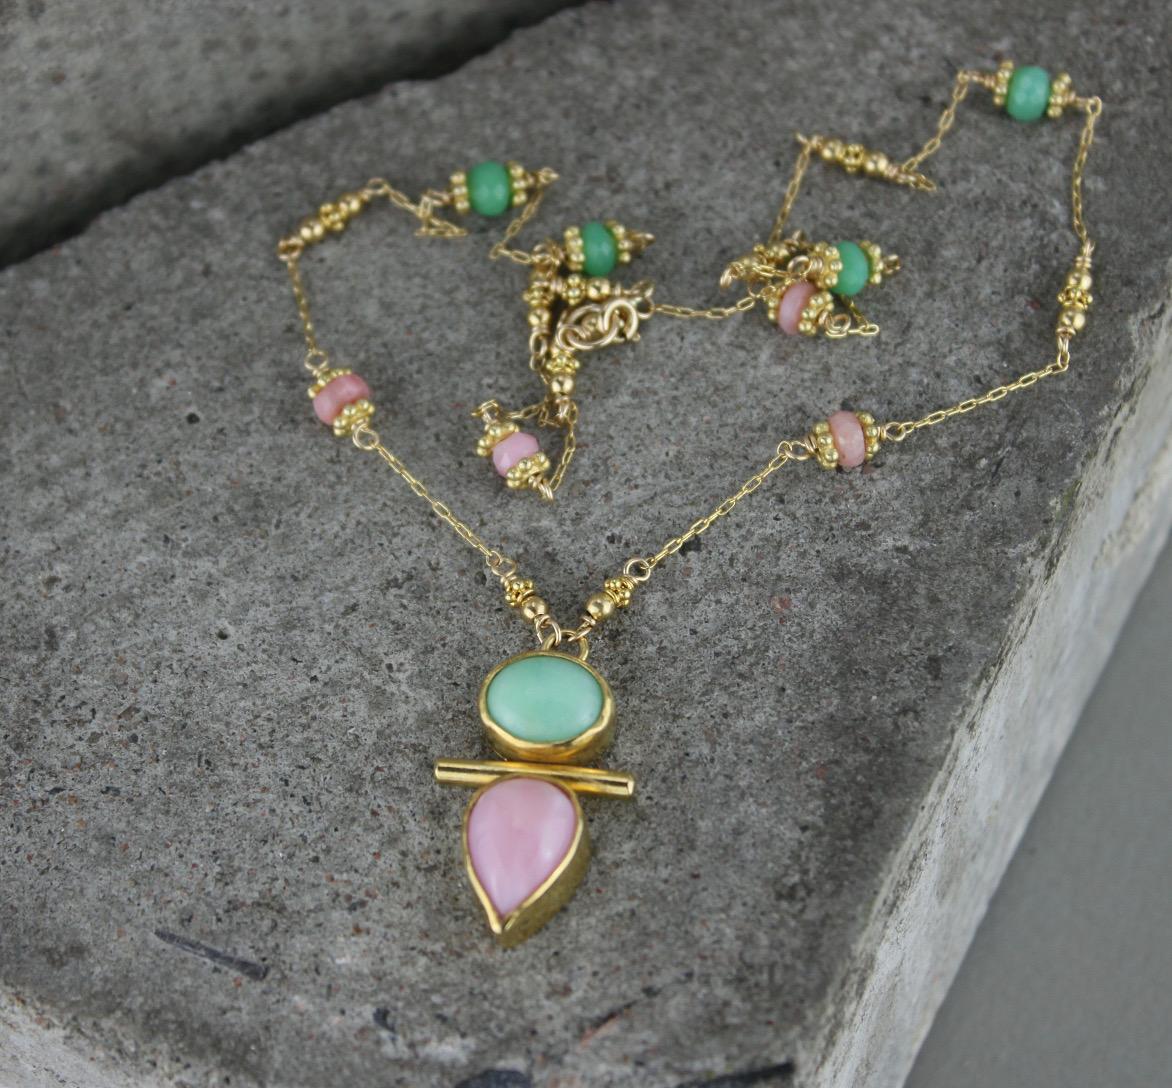 pink opal chrysoprase gold totem necklace Marcia Vidal.jpg